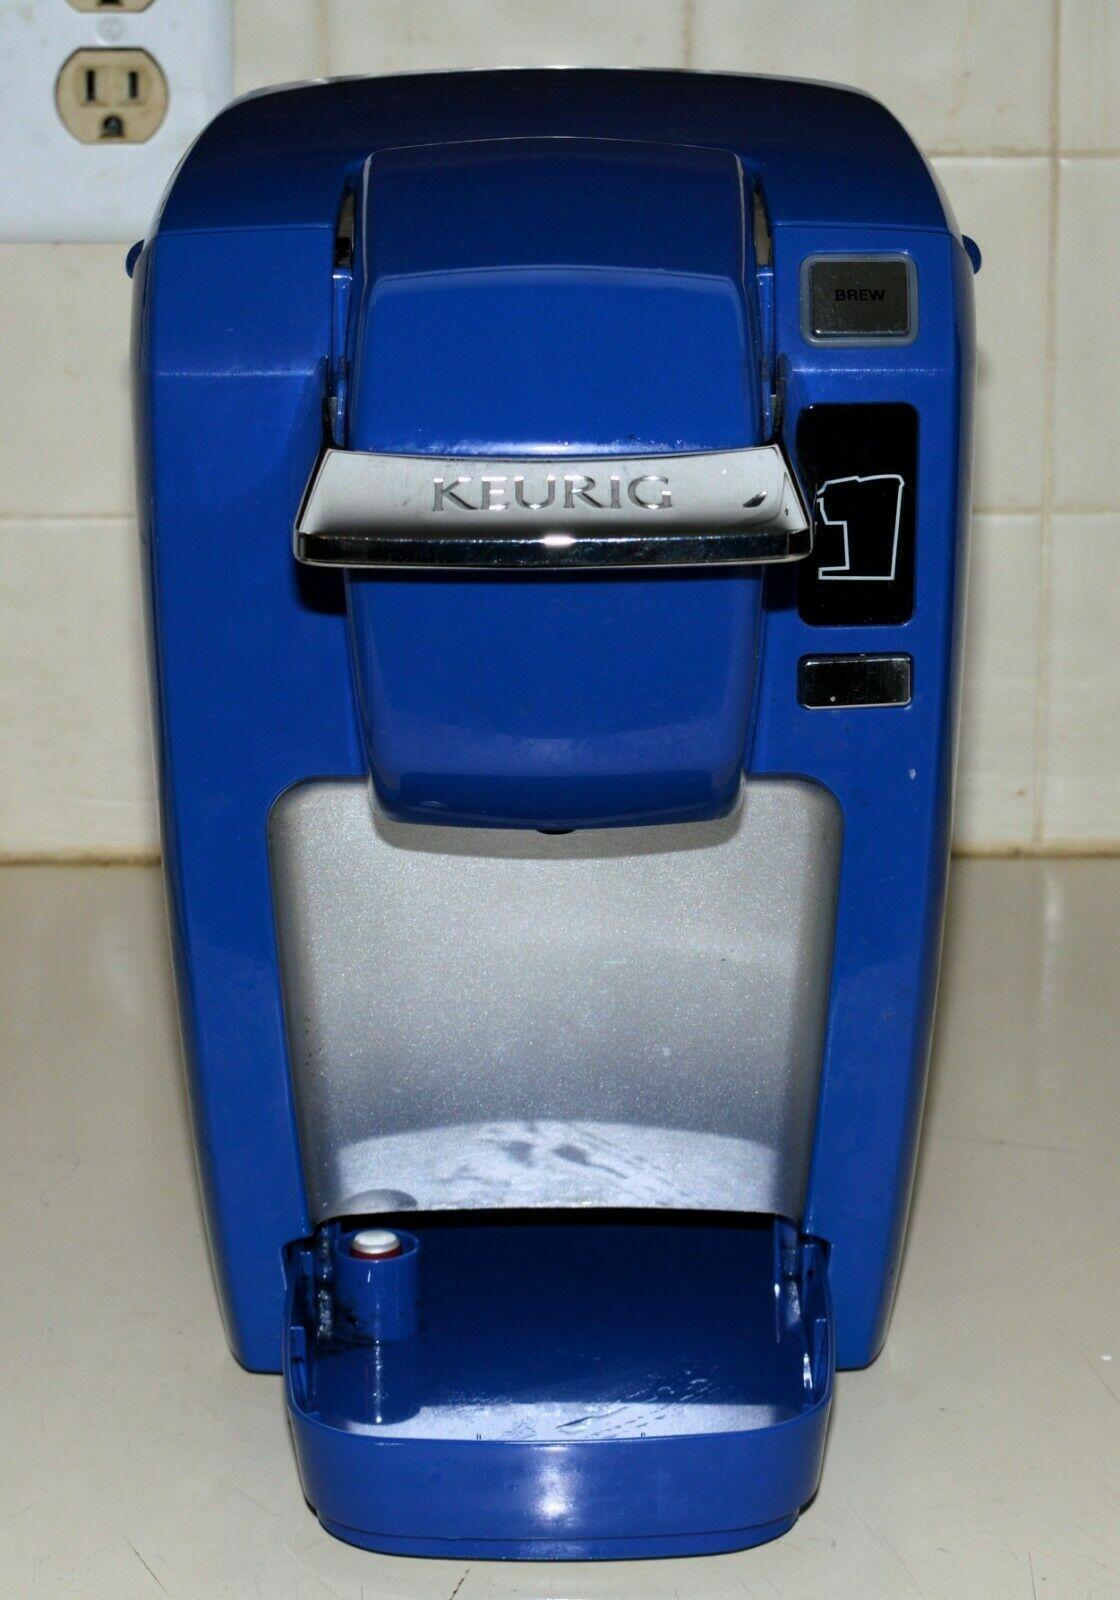 Keurig K10 Mini Plus Cafetière Brewing système rare Royal Bleu Couleur